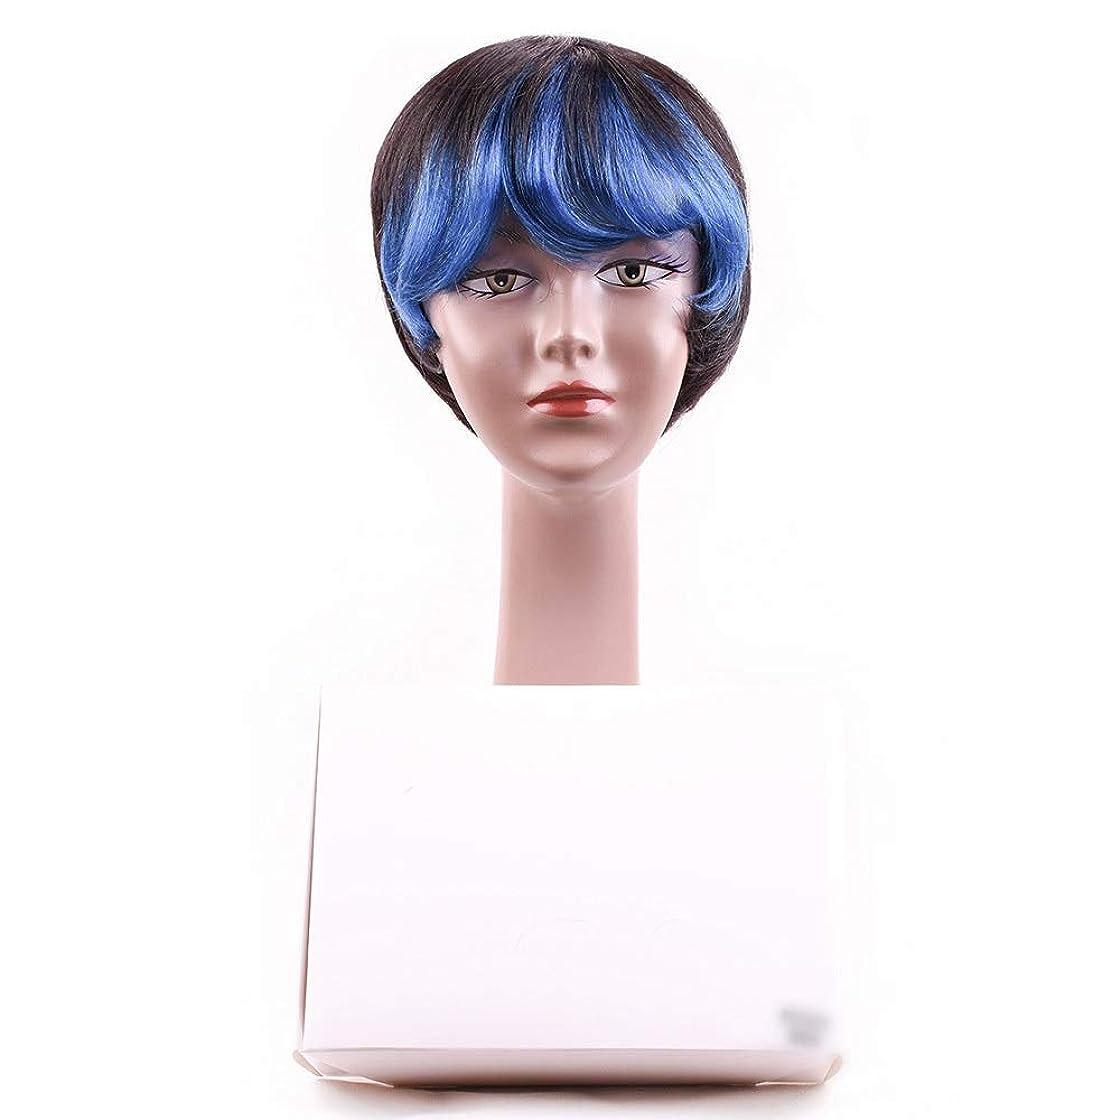 協会森ローマ人かつら 女性の人間の髪の毛ショートボブかつら前髪付きかつらコスプレパーティーかつらロールプレイングかつら女性用かつら (色 : 青)